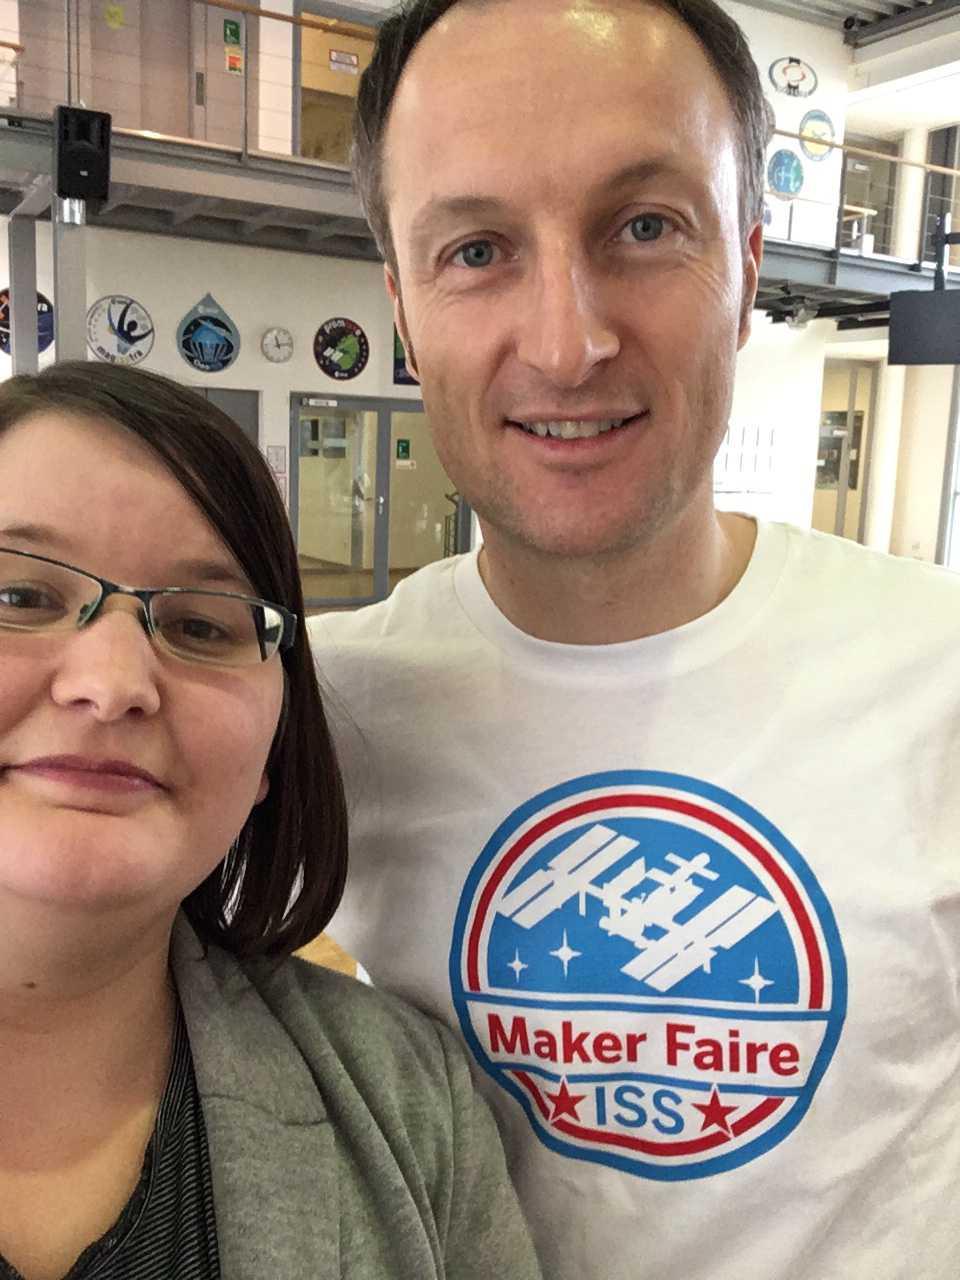 """Matthias Maurer im weißen Shirt """"Maker Faire ISS"""" neben Make-Autorin Kathrin Grannemann"""